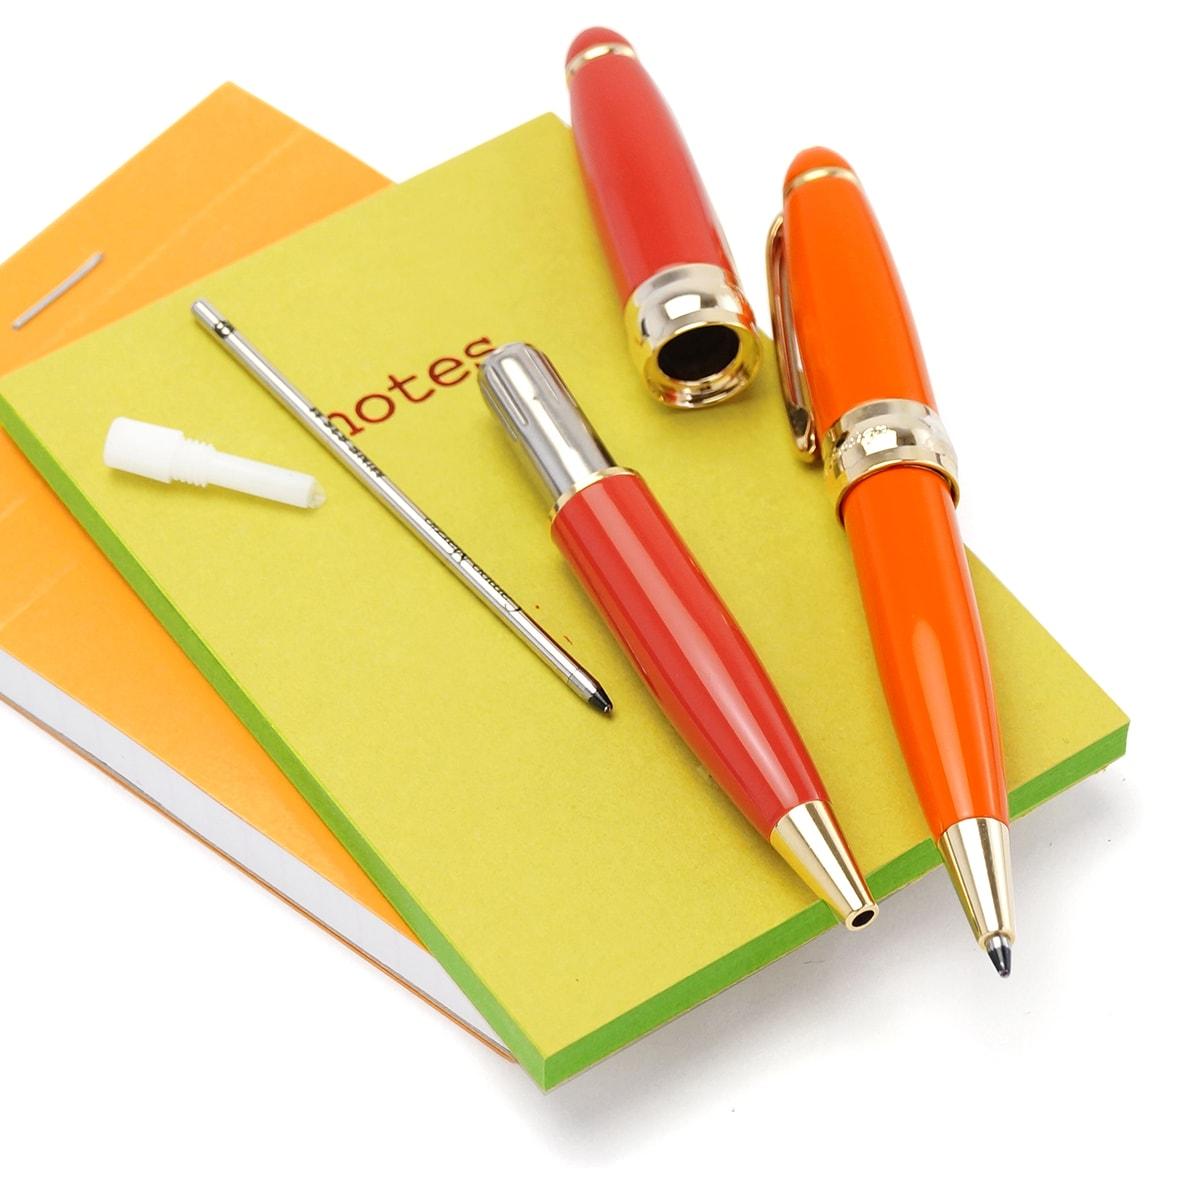 [CAMPO MARZIO DESIGN]  MINNY Ballpoint Pen